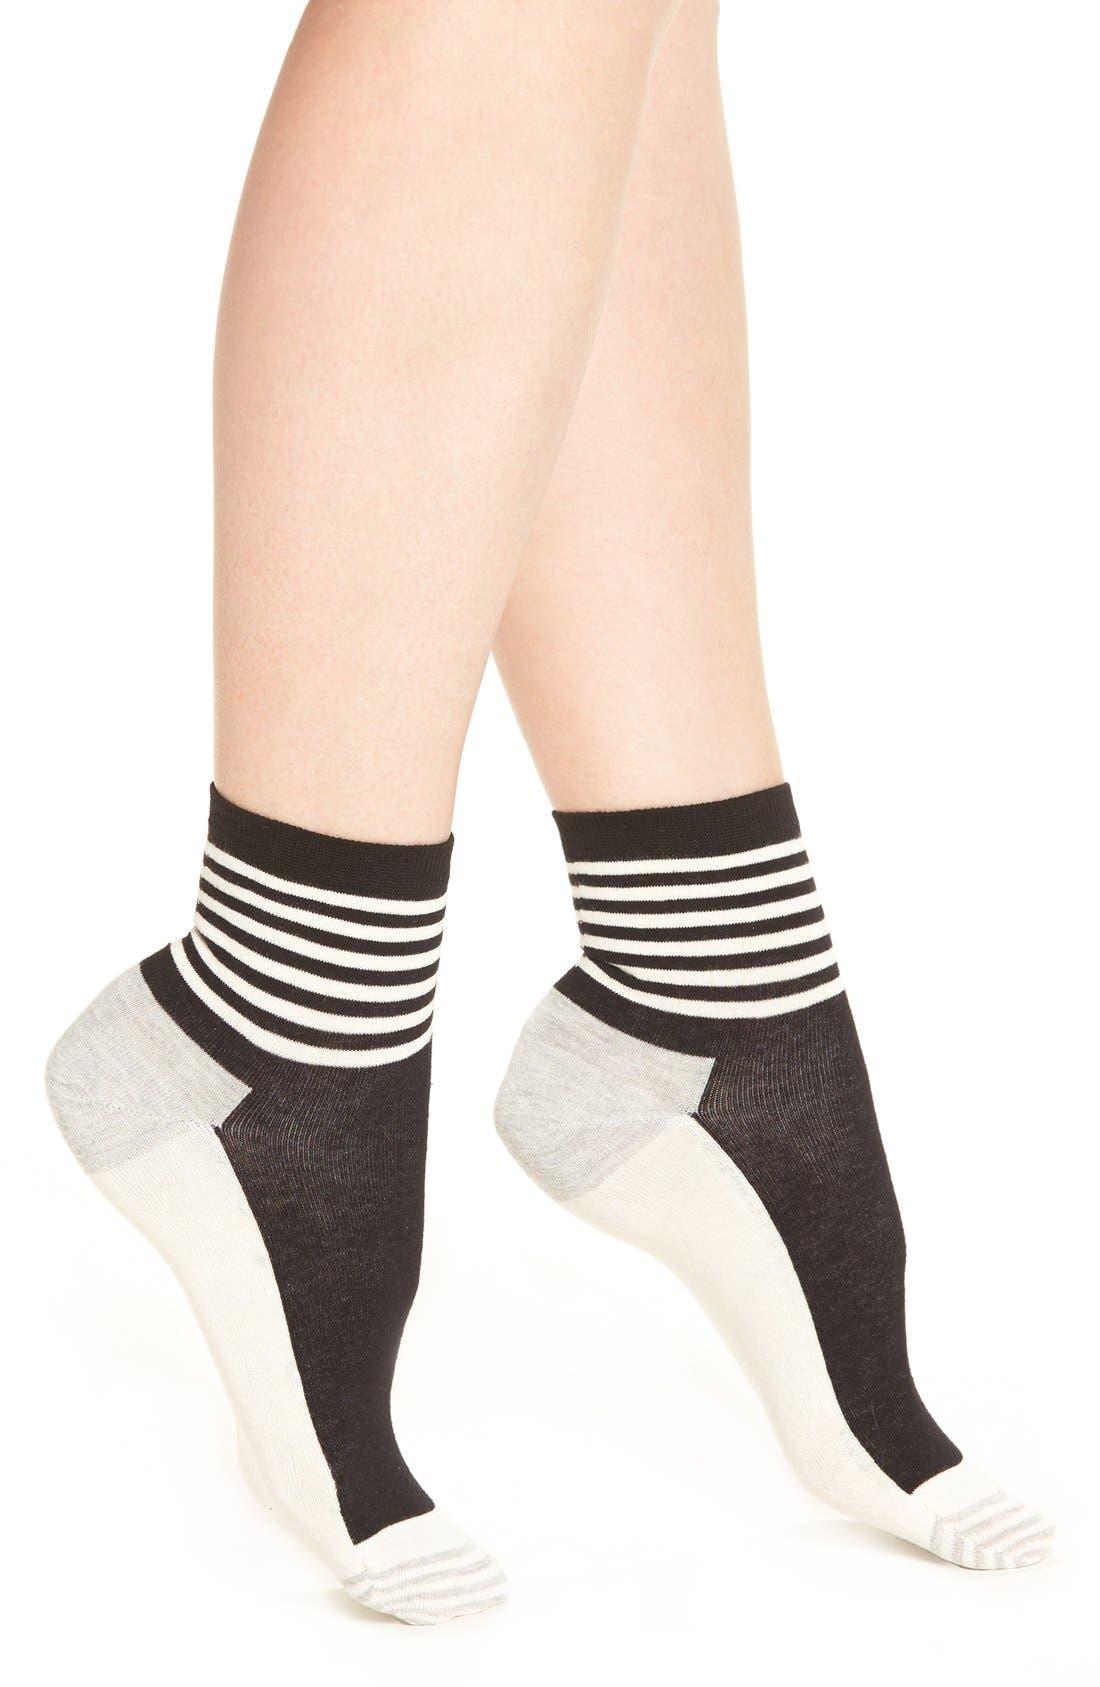 Main Image - Happy Socks Stripe Colorblock Anklet Socks (3 for $24)